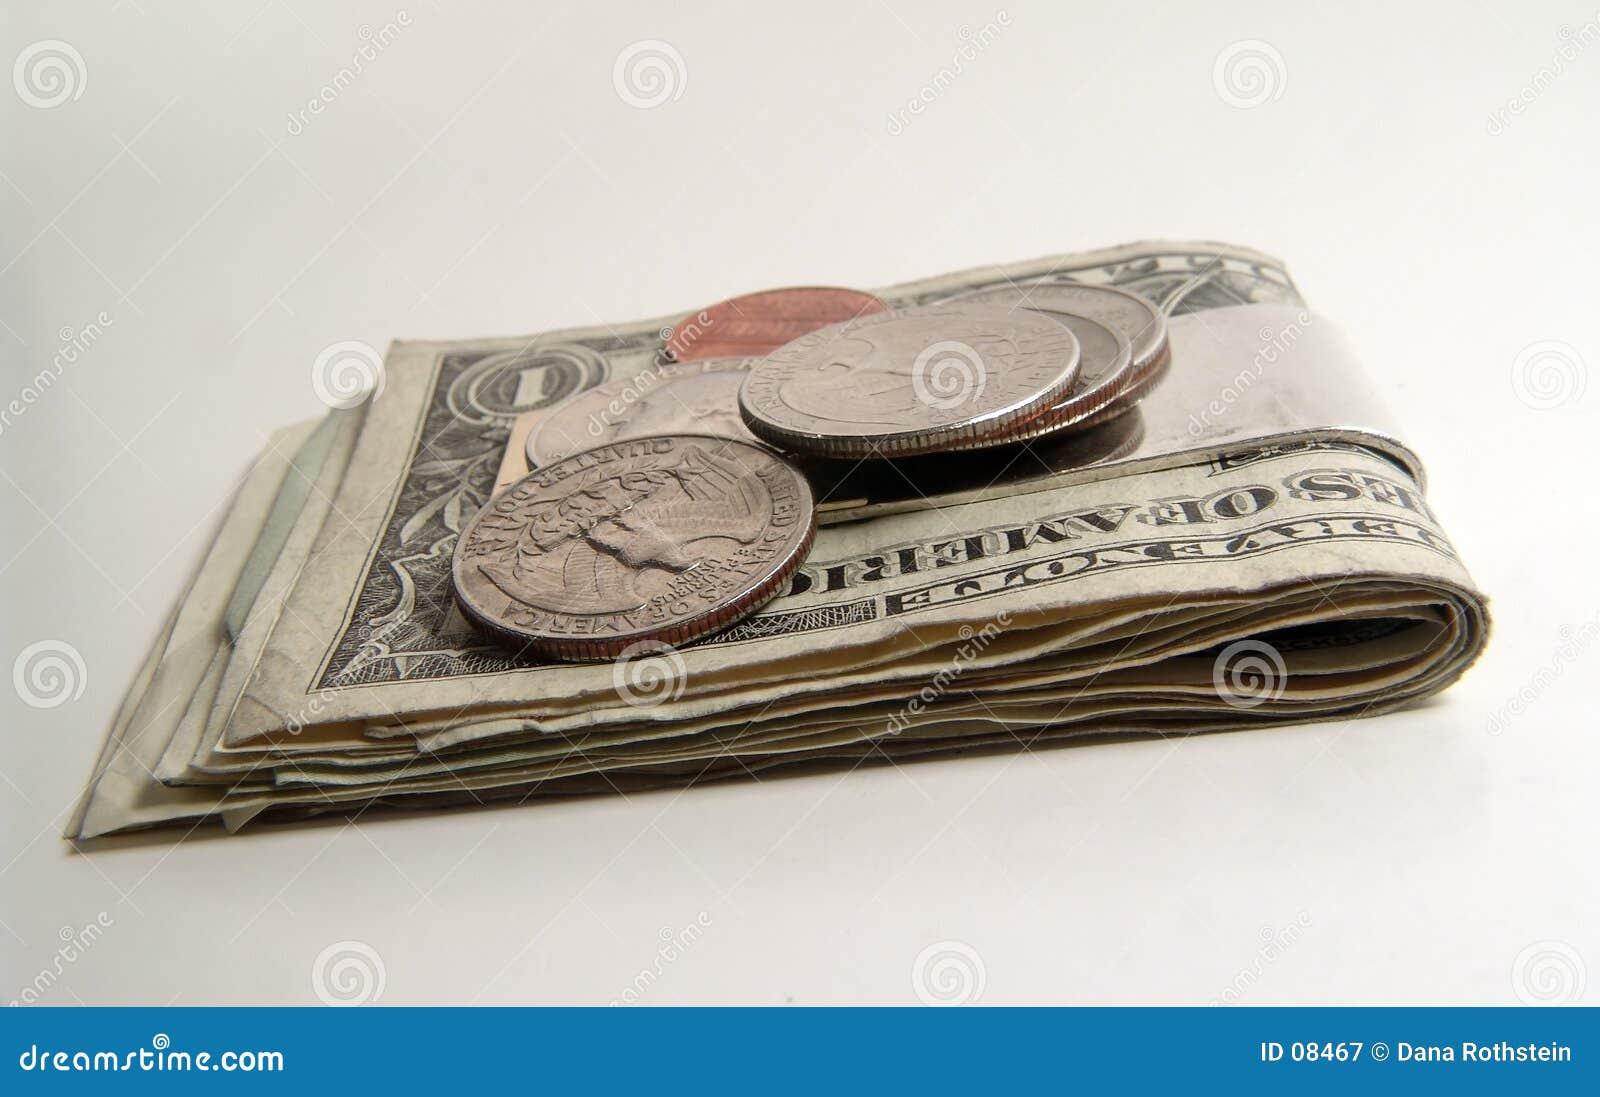 Fäst pengar ihop